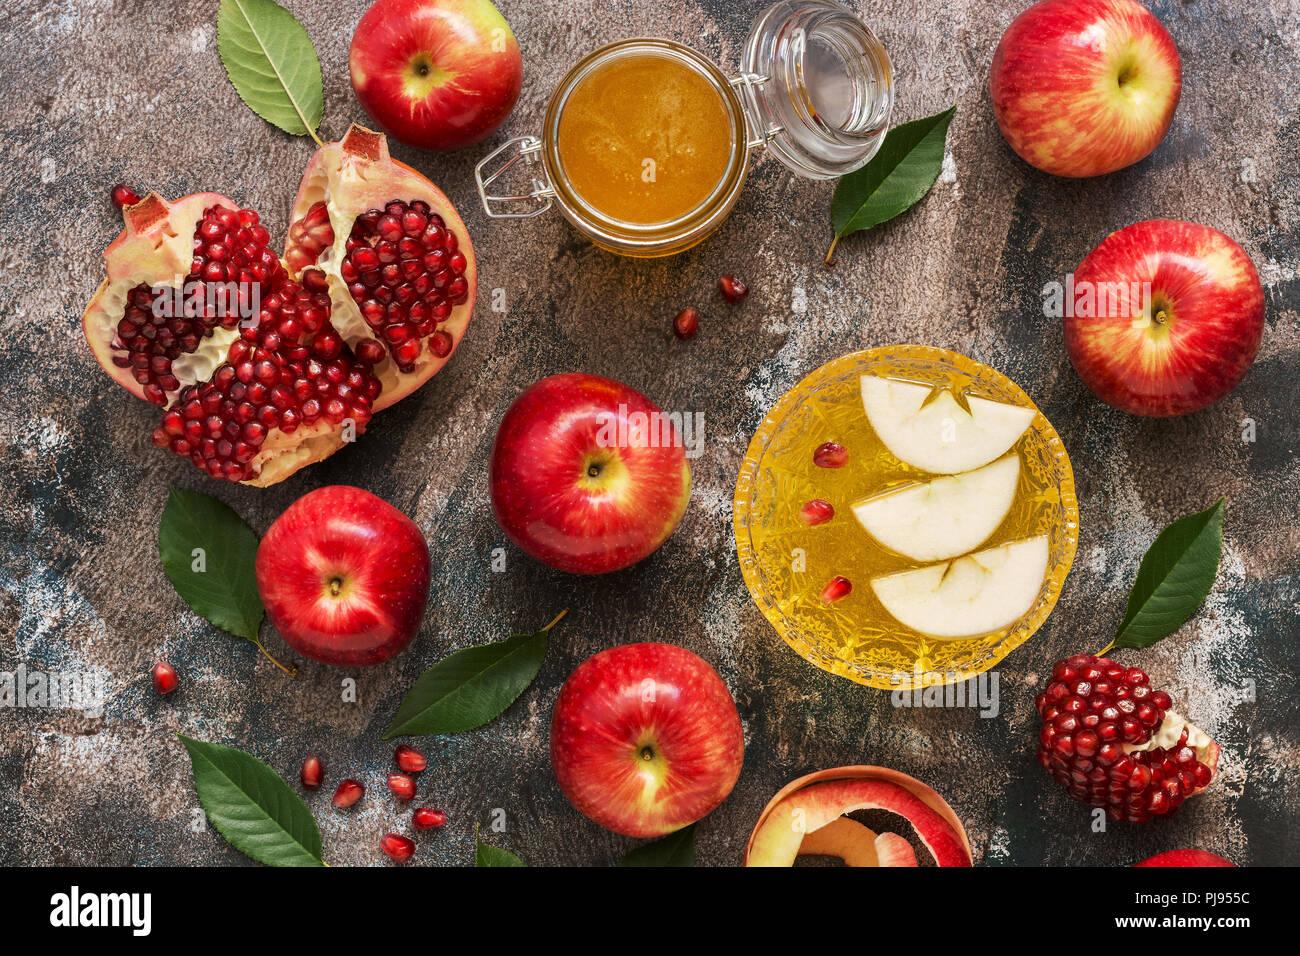 Manzanas rojas, Granada y miel. Año Nuevo - Rosh Hashana. Comida tradicional judía. Vista superior, sobrecarga, laicos plana Imagen De Stock